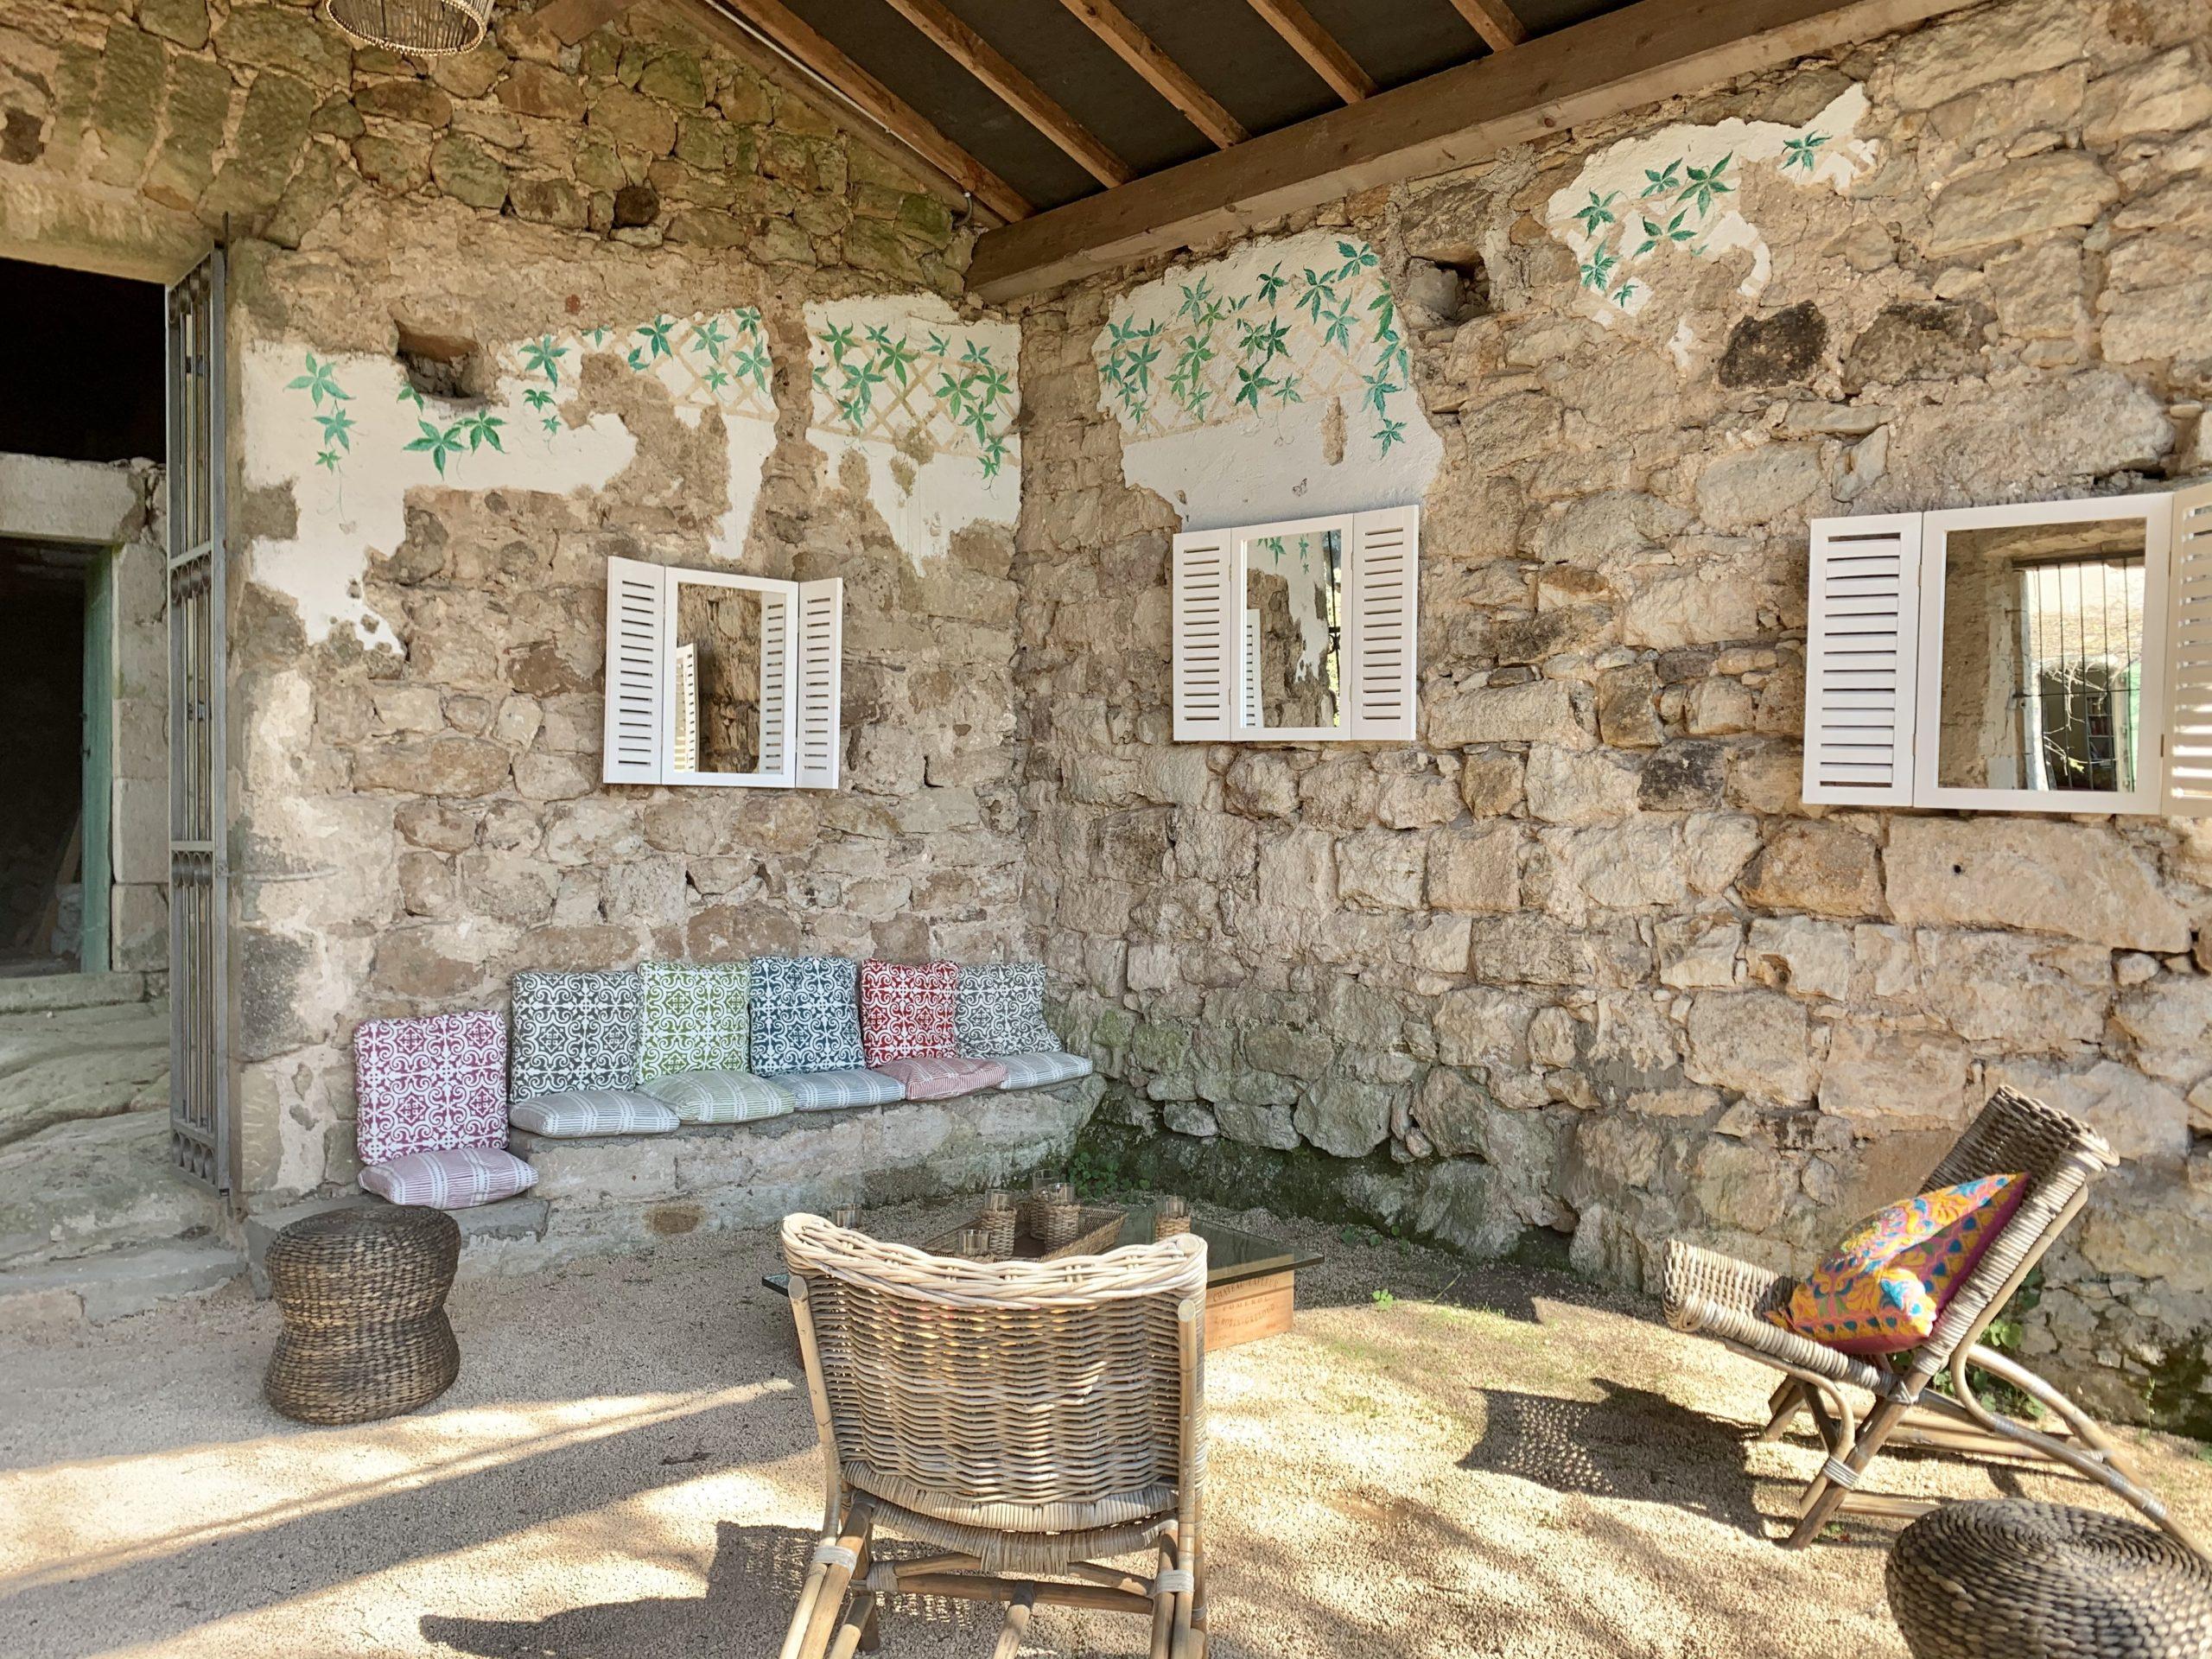 Chambres et table d'hôte en Ardèche. Parc régional des Monts d'ardèche, Largentière, Vallon Pont d'arc, Vogue